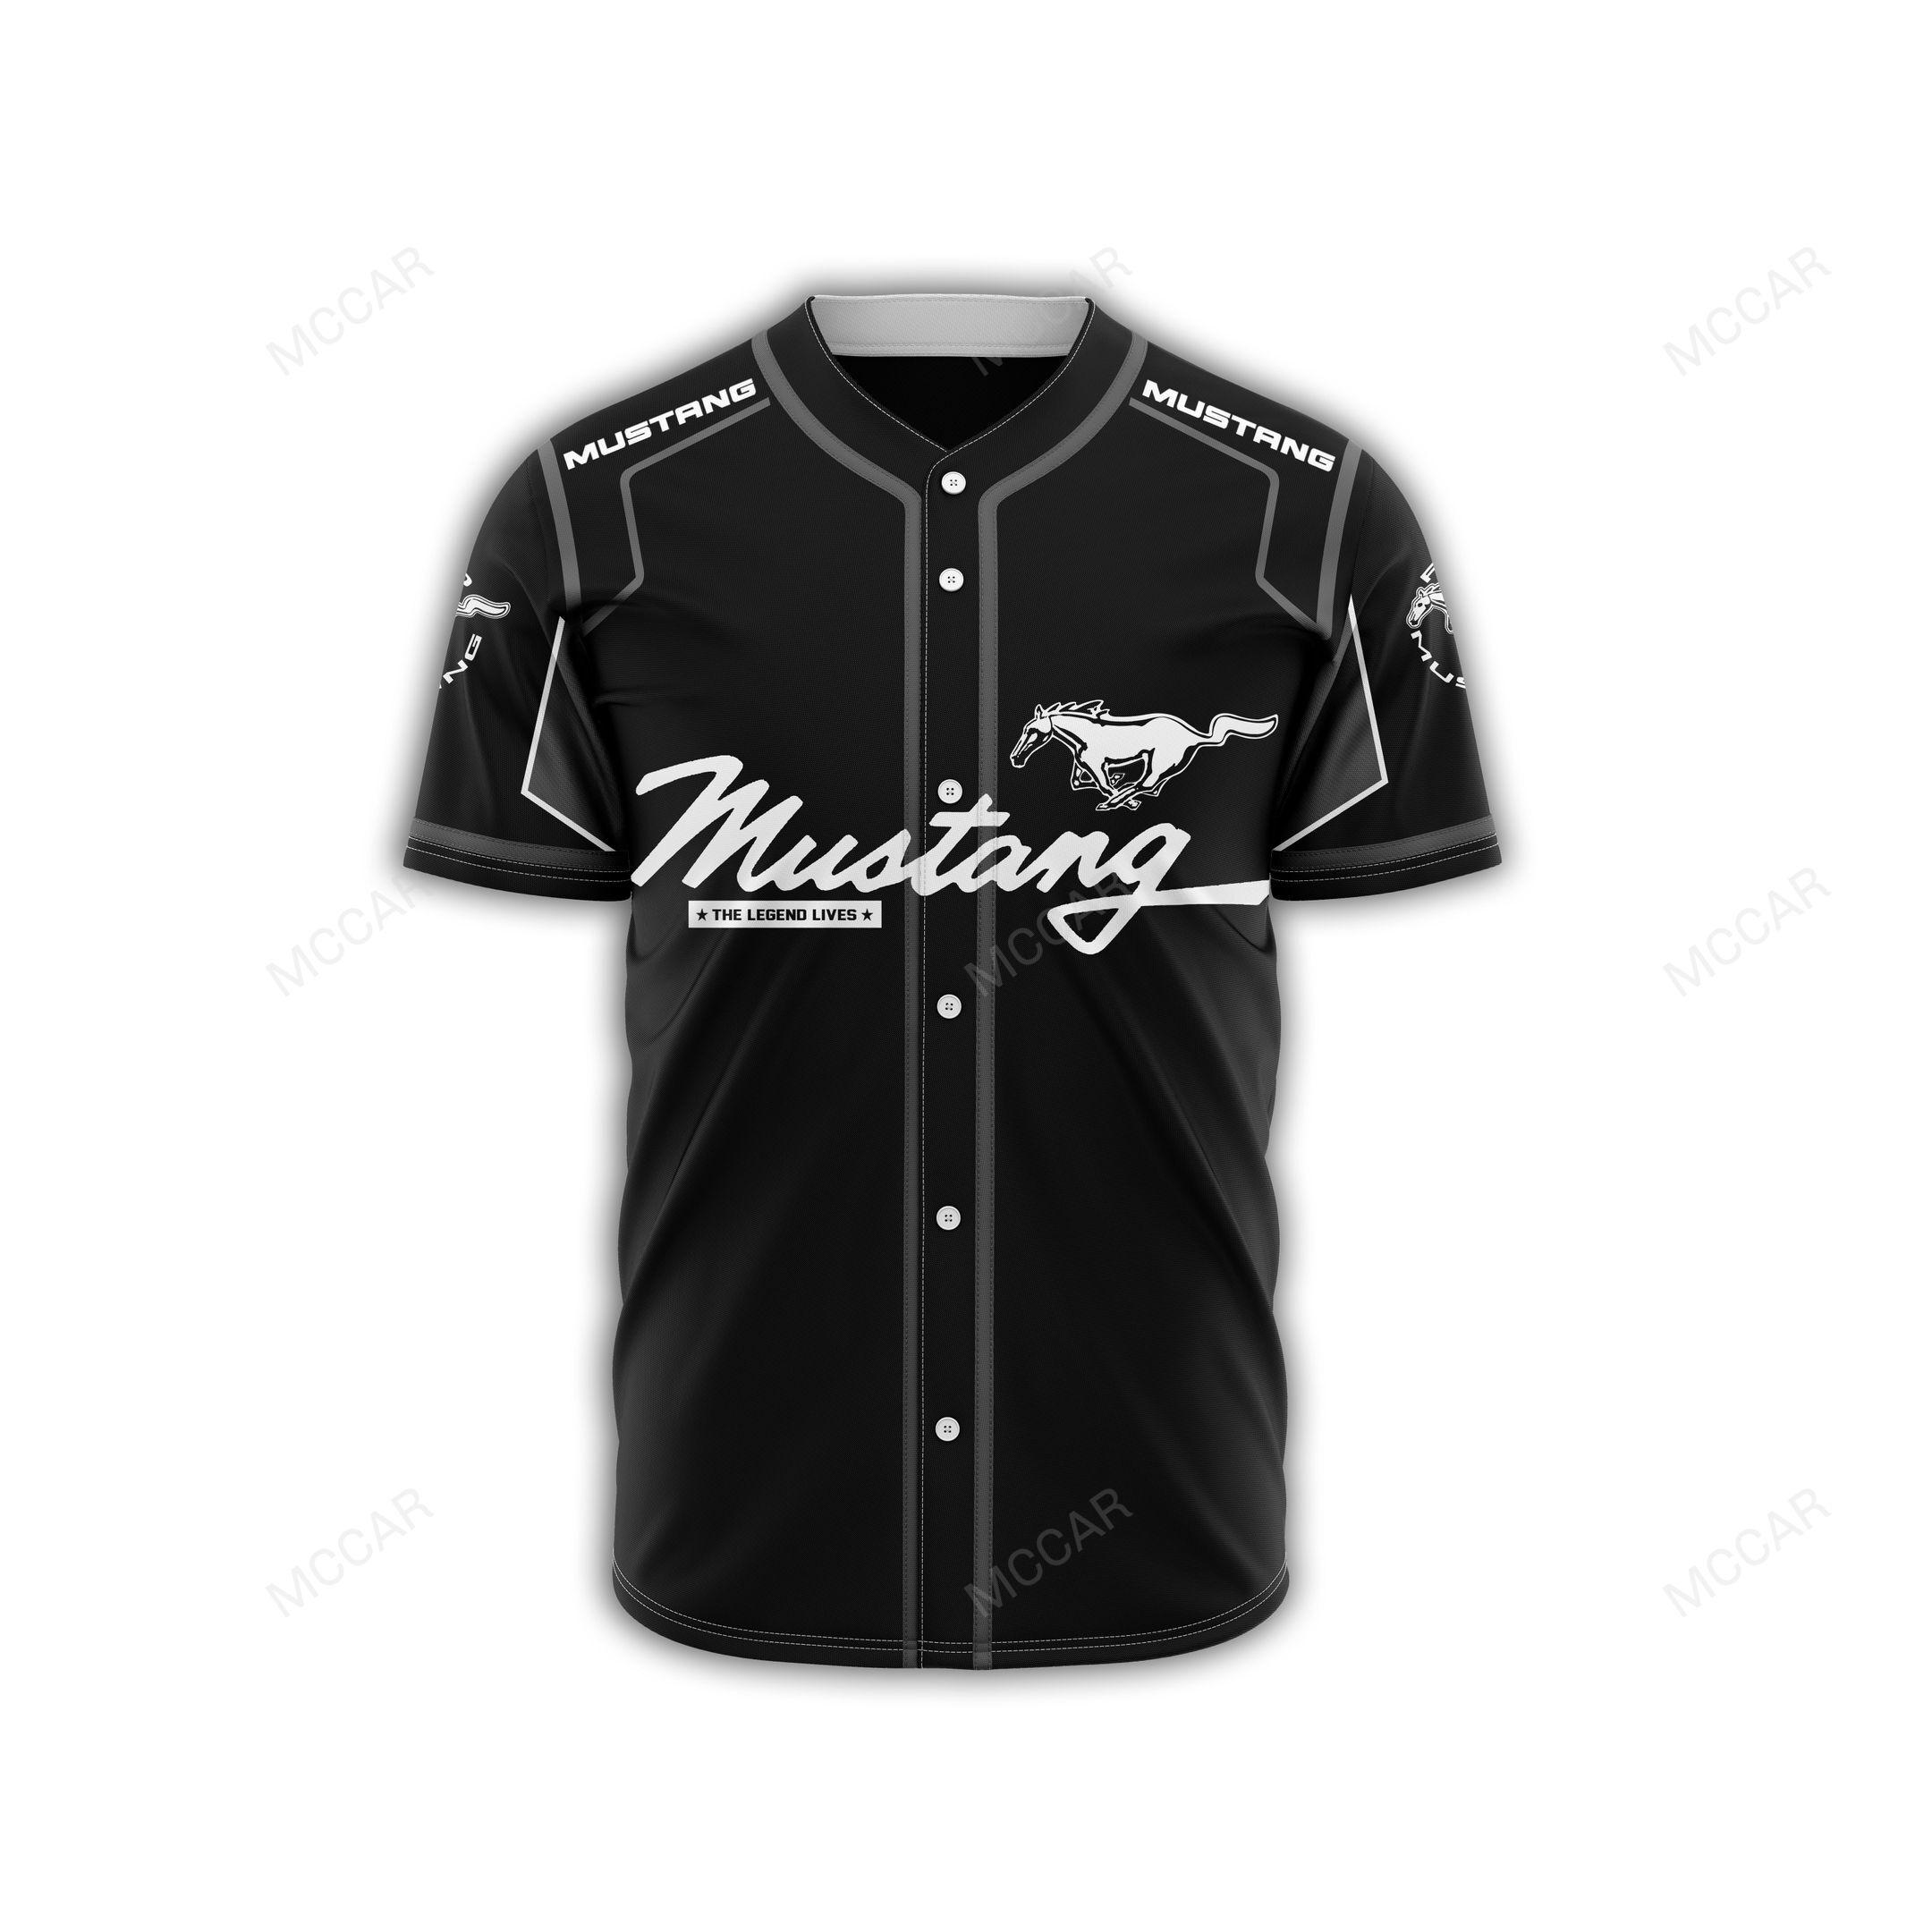 Mustang The Legend Lives Baseball Jersey shirt